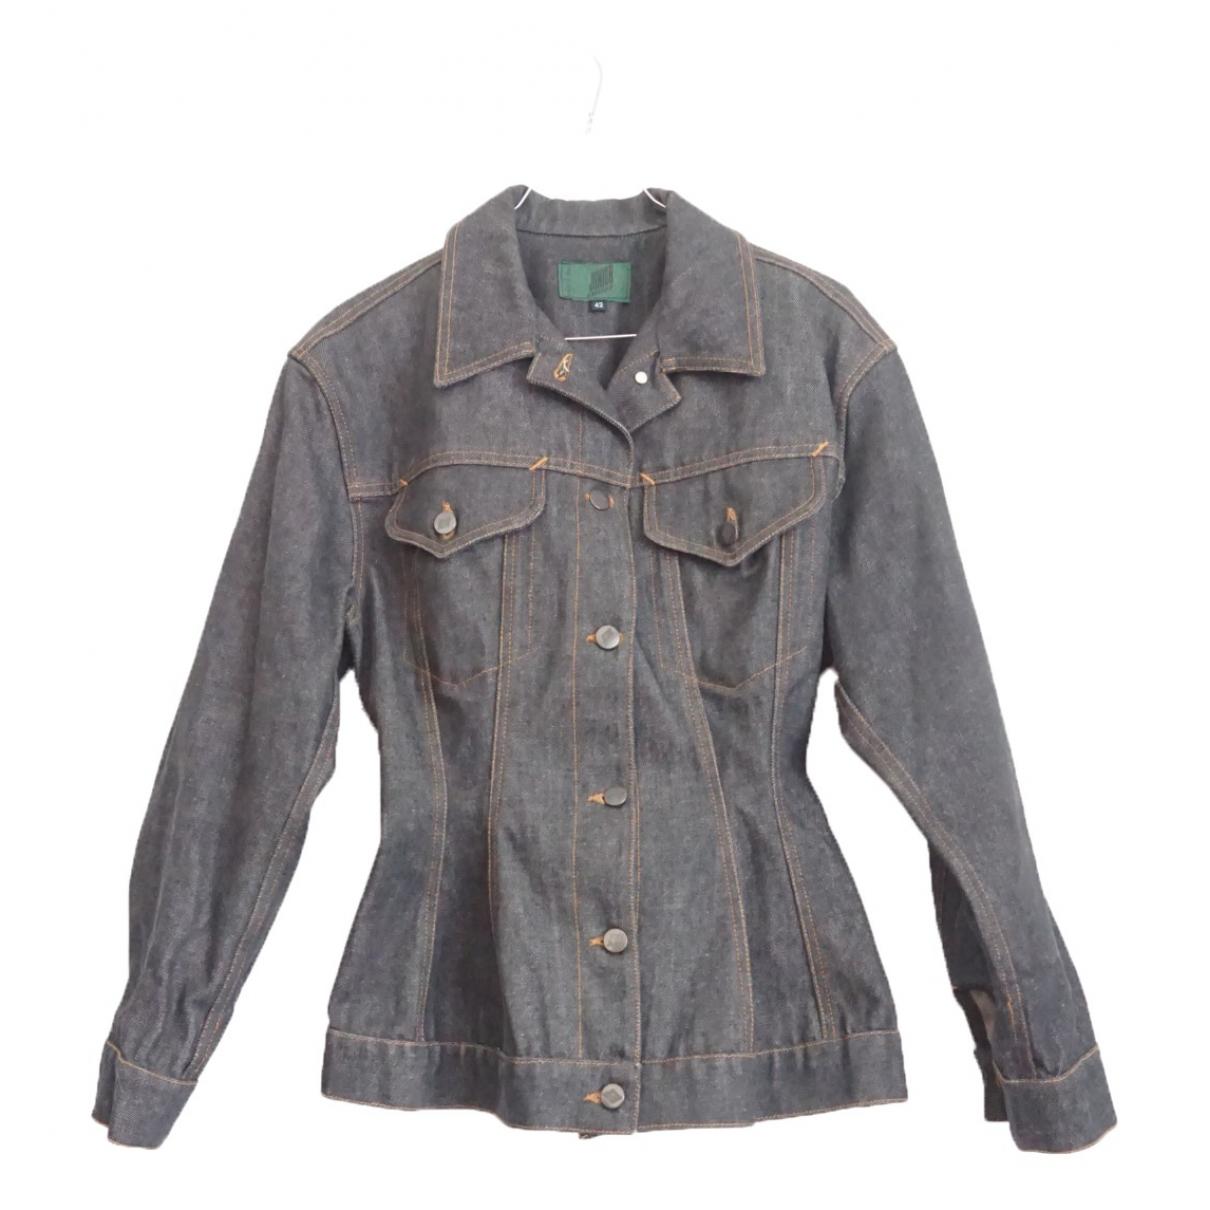 Jean Paul Gaultier \N Blue Denim - Jeans jacket for Women 42 IT